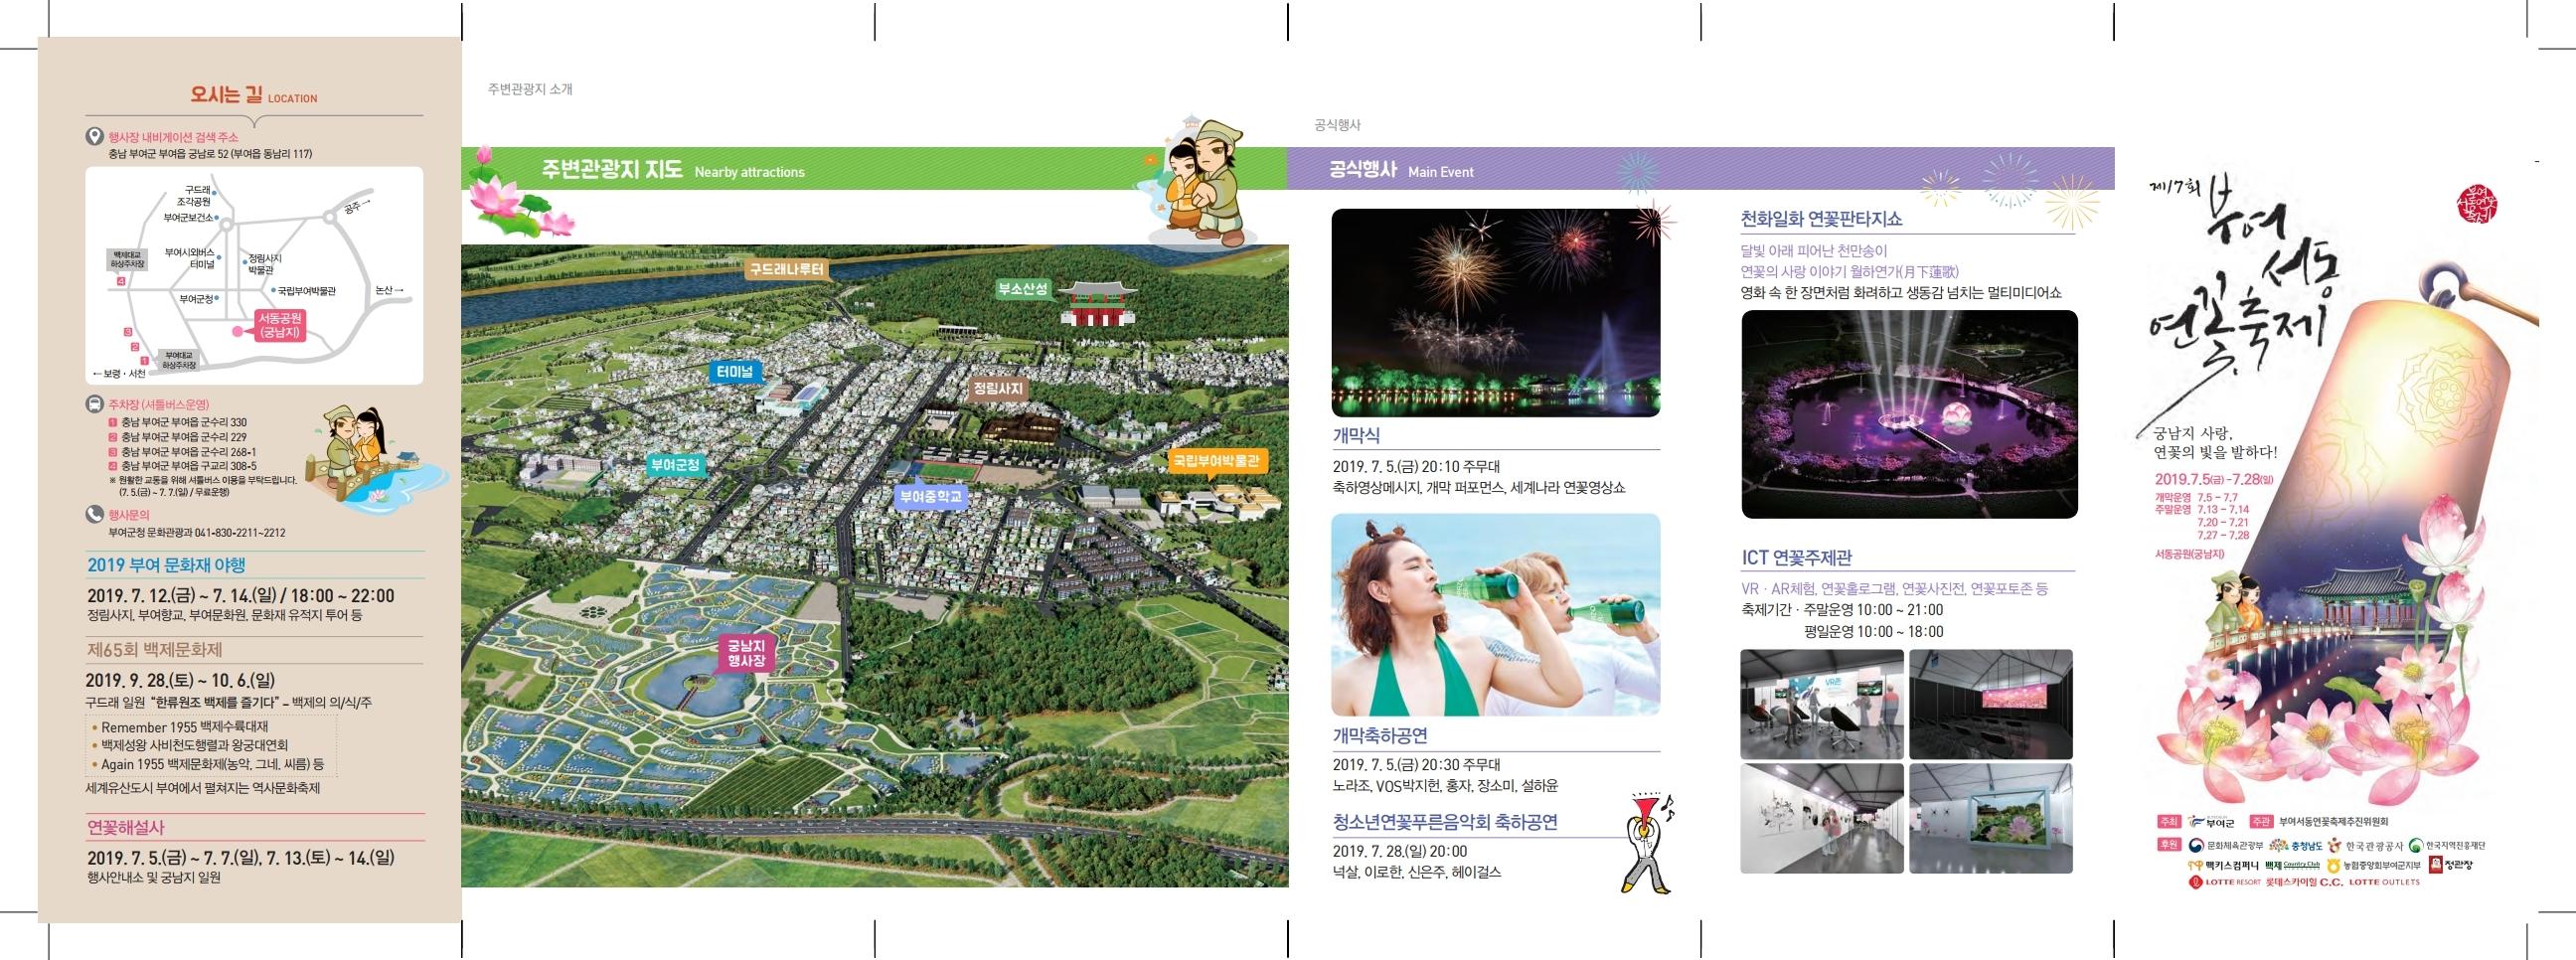 제17회 부여서동연꽃축제 리플릿.pdf_page_1.jpg